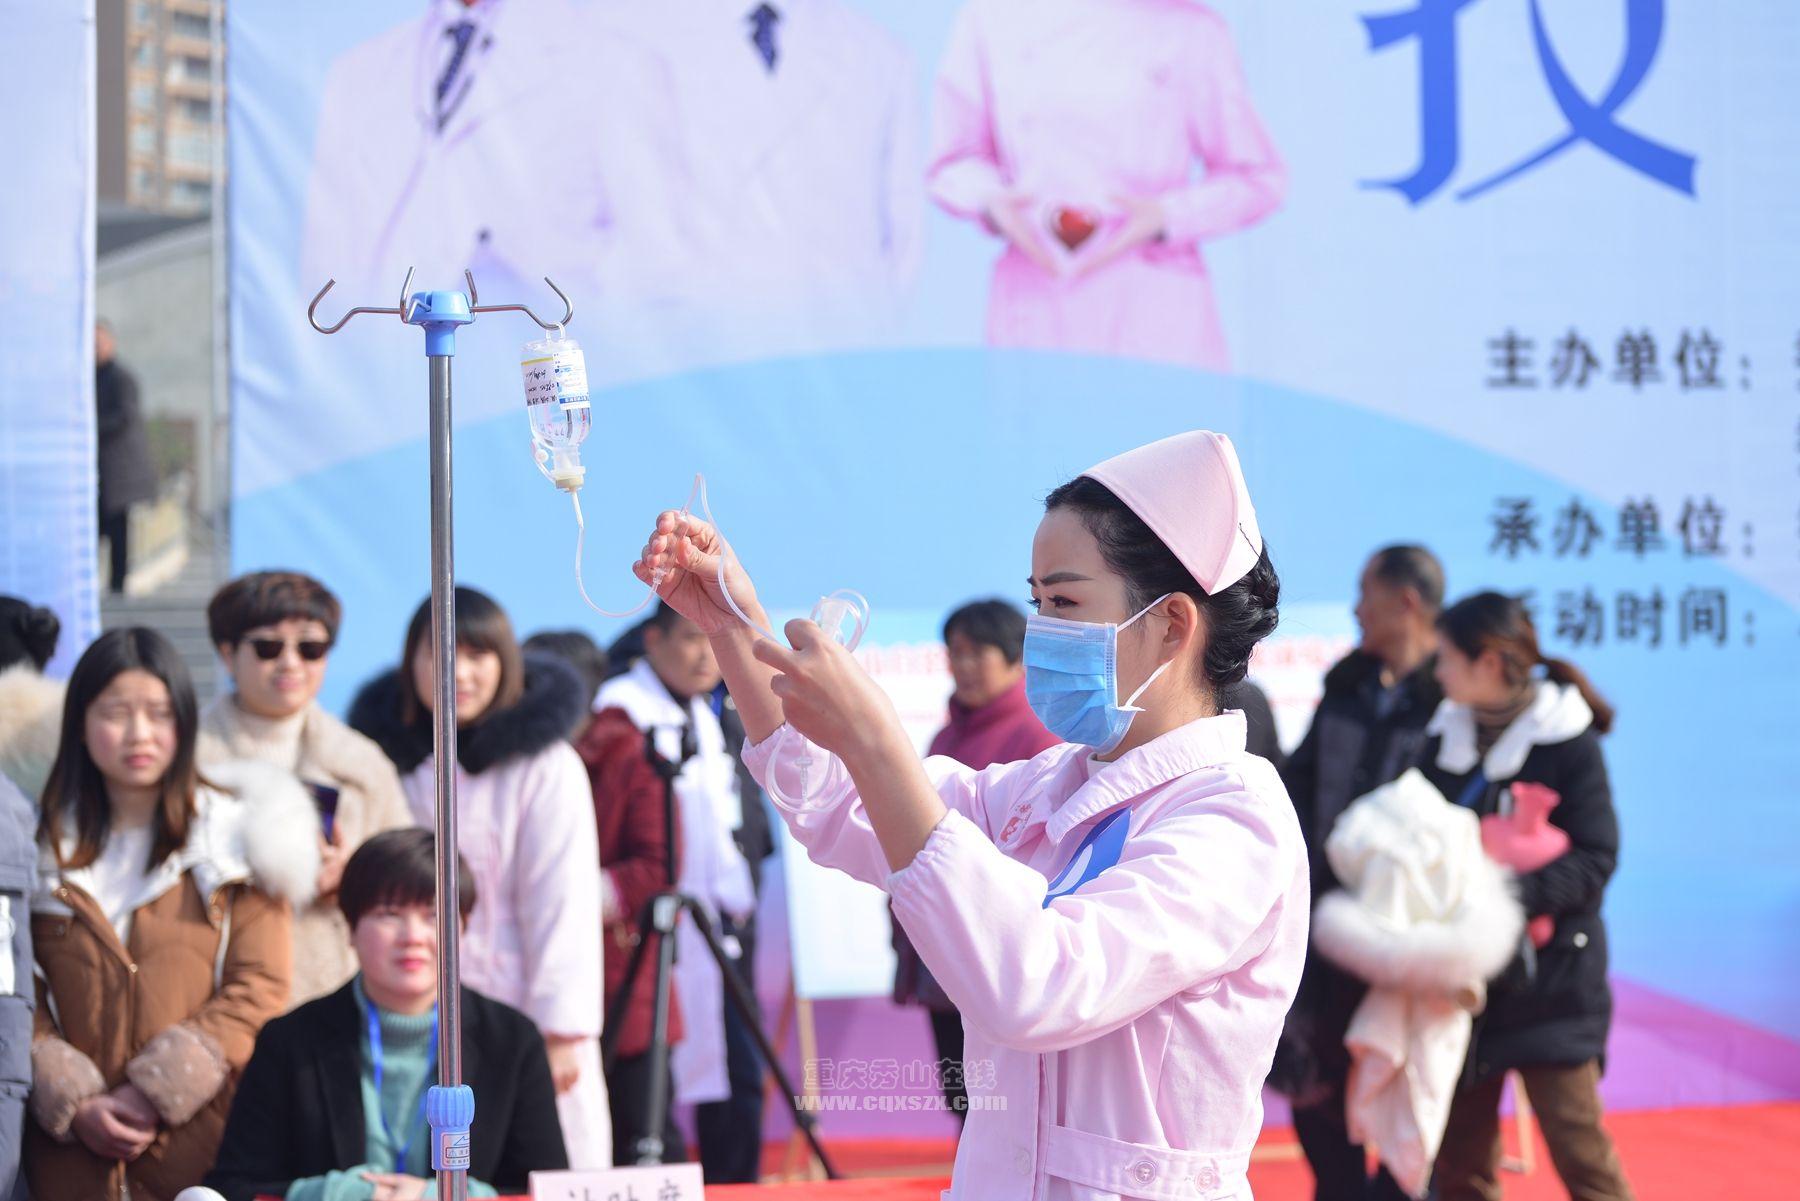 秀山自治县2018年医护技能大赛在花灯广场圆满举行